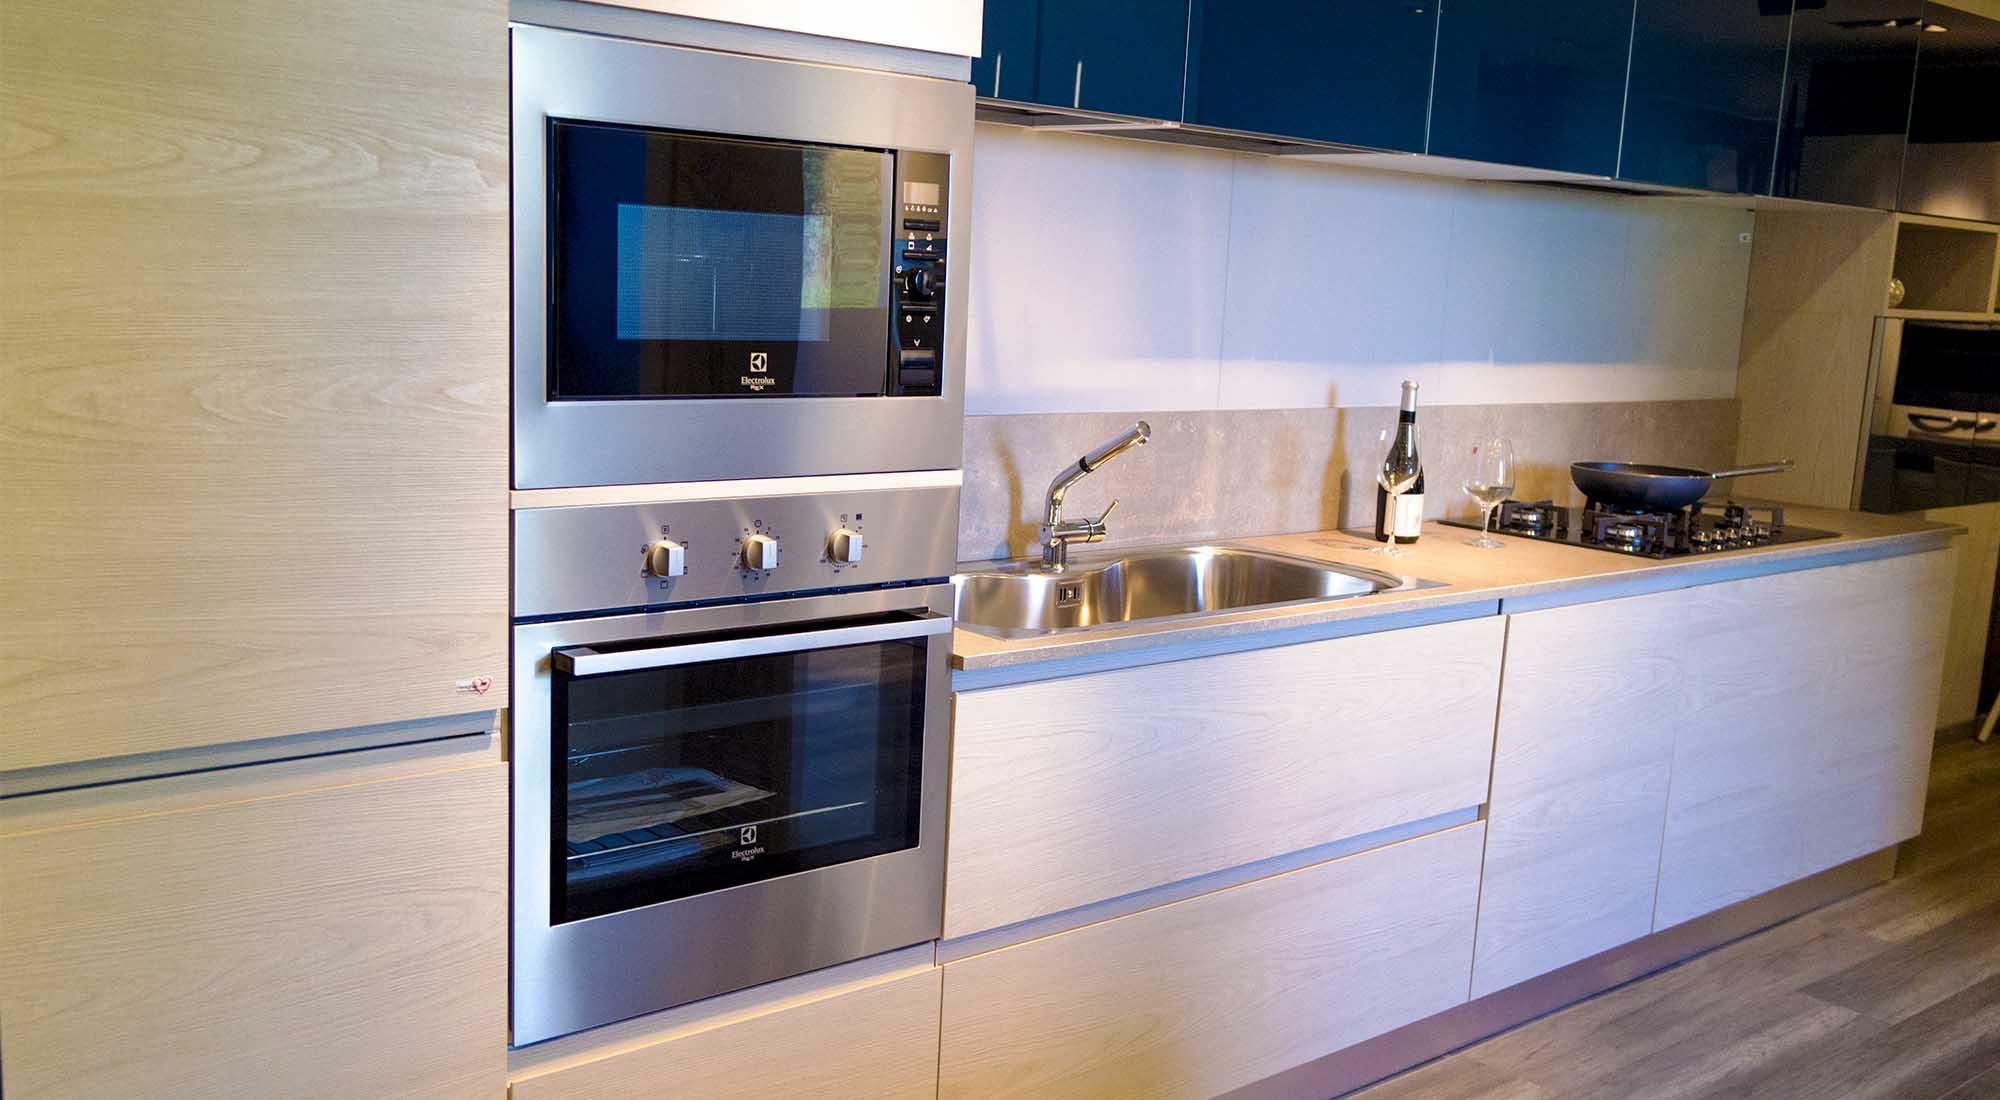 Cucina anta maniglia con pensili in vetro blu cobalto - Profondita pensili cucina ...